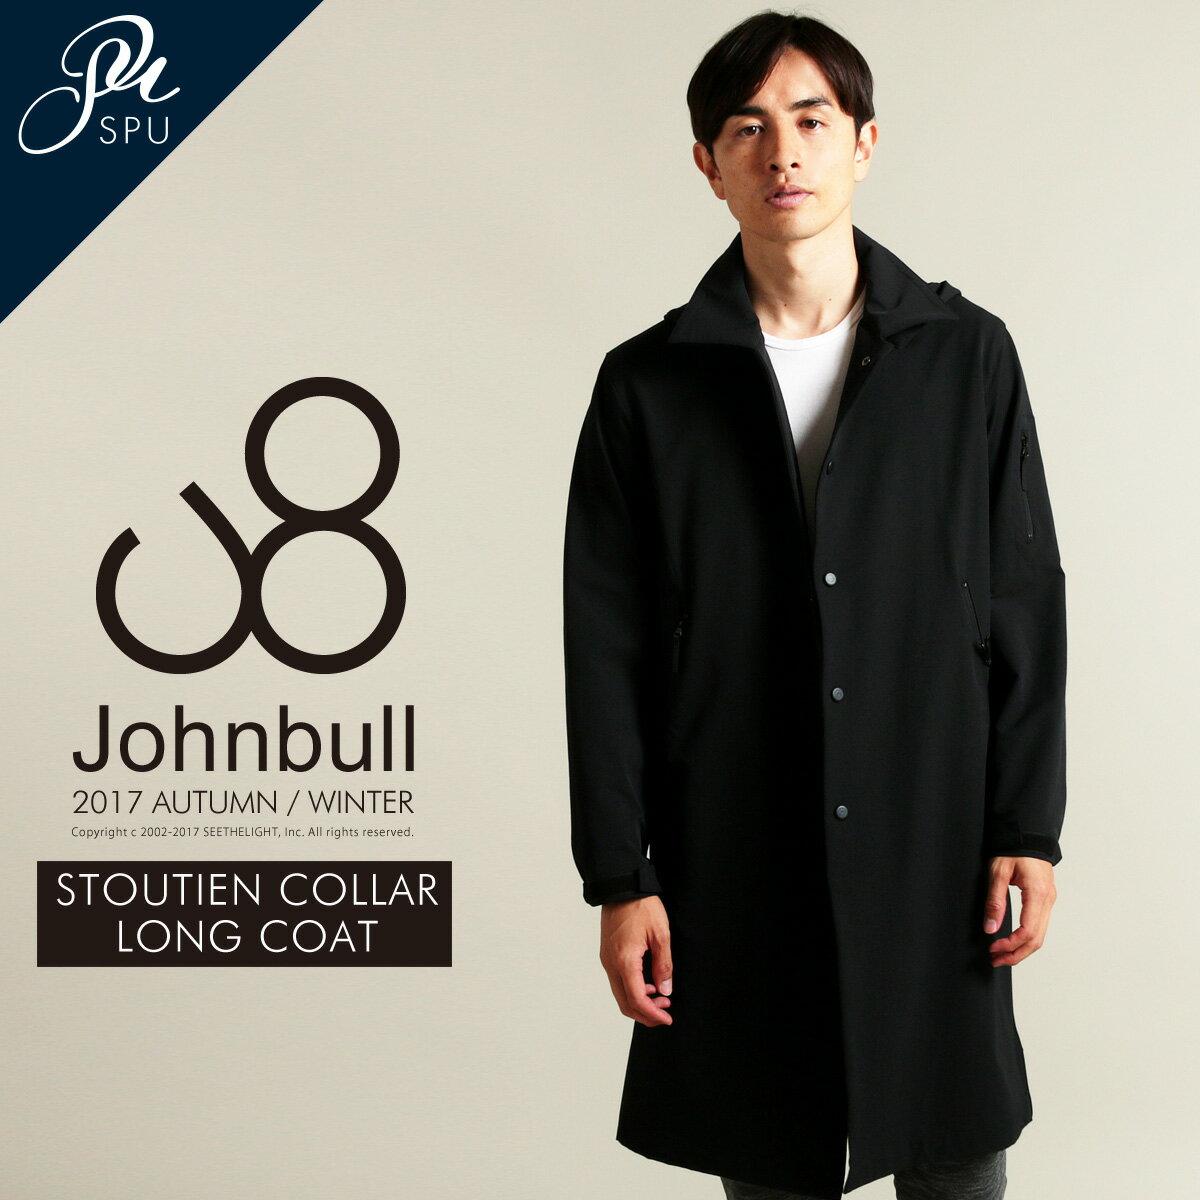 ステンカラーコート メンズ ブランド アウター ステンカラー メンズファッション ダブルクロス 2WAY ストレッチ フード 脱着 ステンカラーコート Johnbull ジョンブル 12528